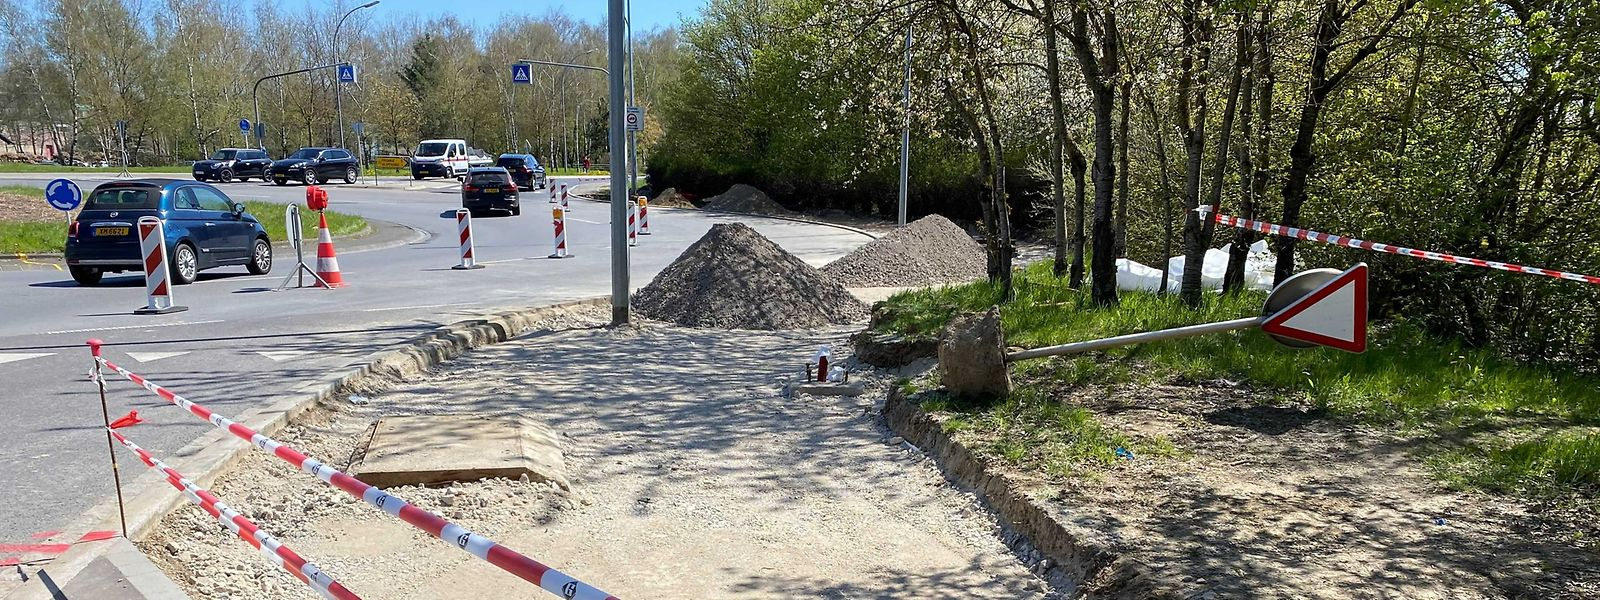 Der 50 Meter lange Ausbau verbindet den Weg zur Cloche d'Or mit jenem nach Hesperingen.